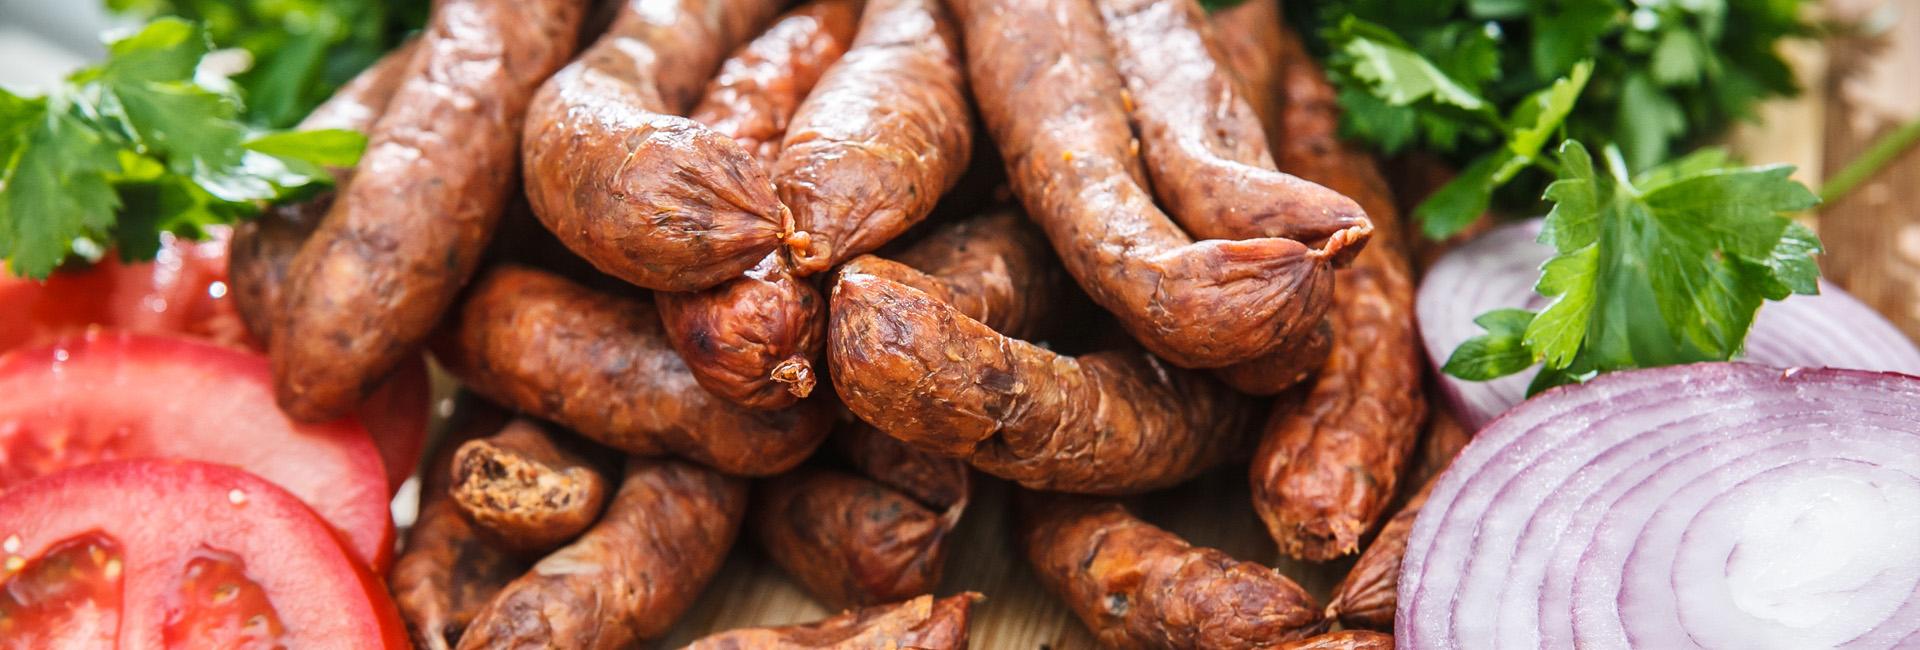 Cârnații de Pleșcoi gastronomie tradiție românească Buzău slider